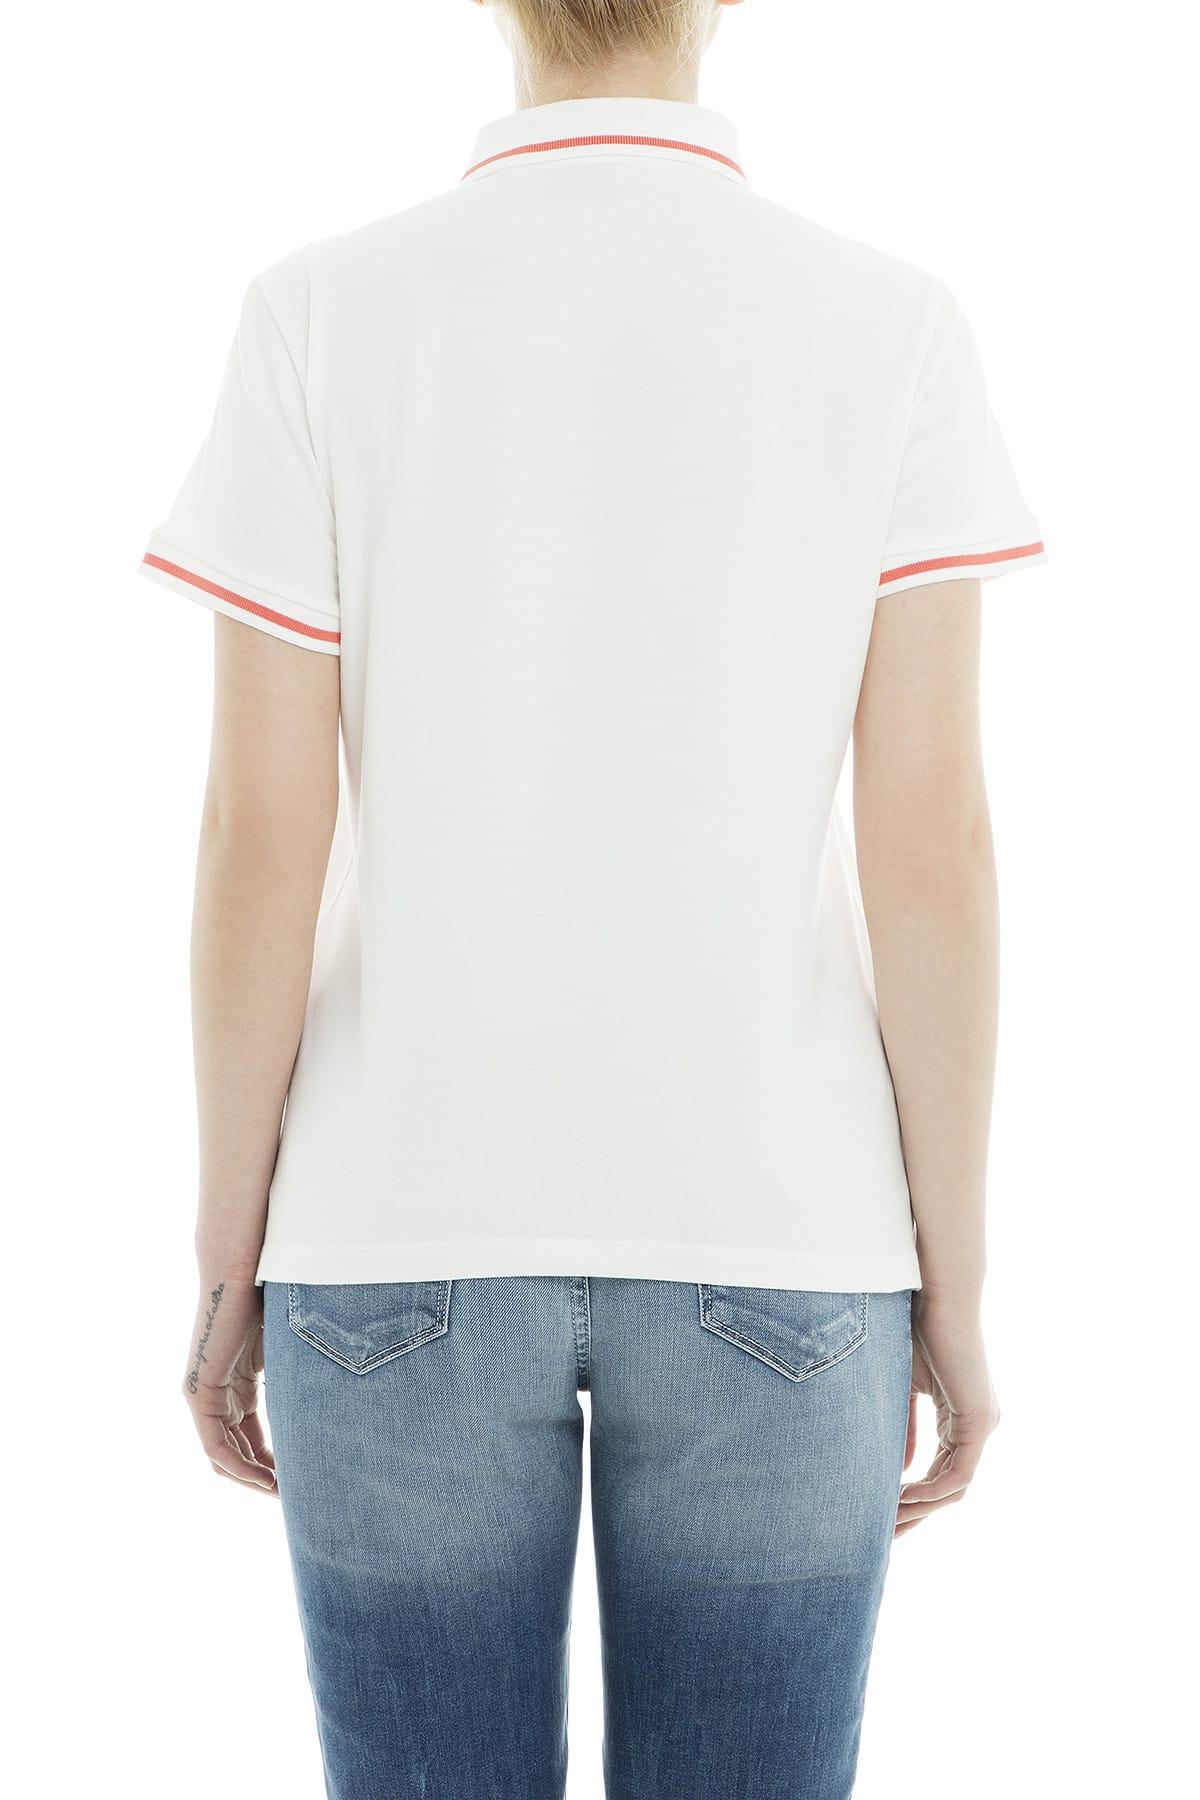 Emporio Armani Kadın Beyaz T-Shirt 3G2M61 2JBXZ 0101 2